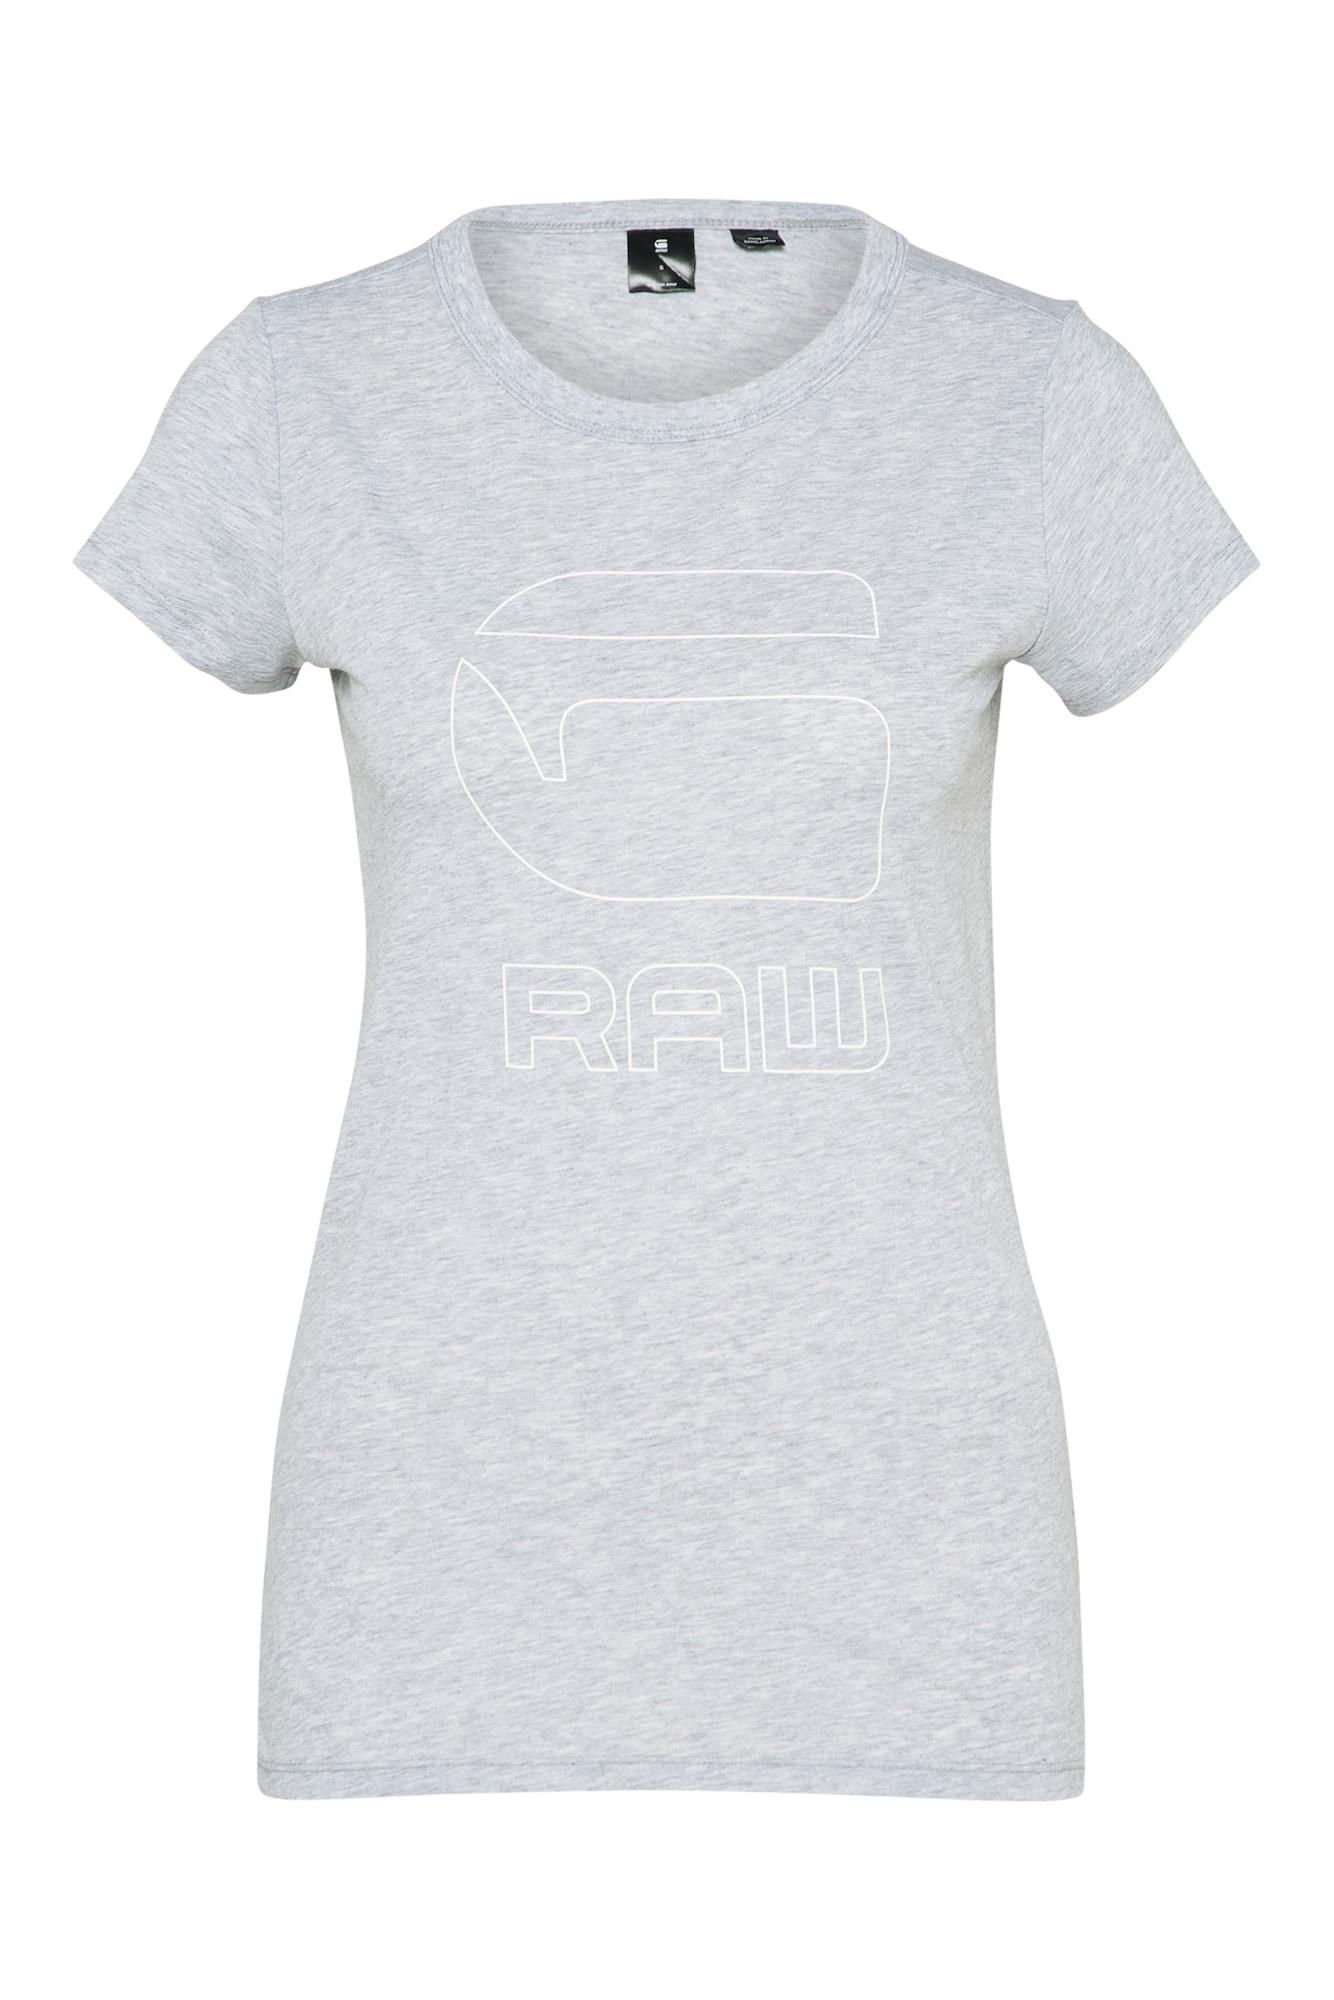 G-STAR RAW Dames Shirt Cirst grijs gemêleerd